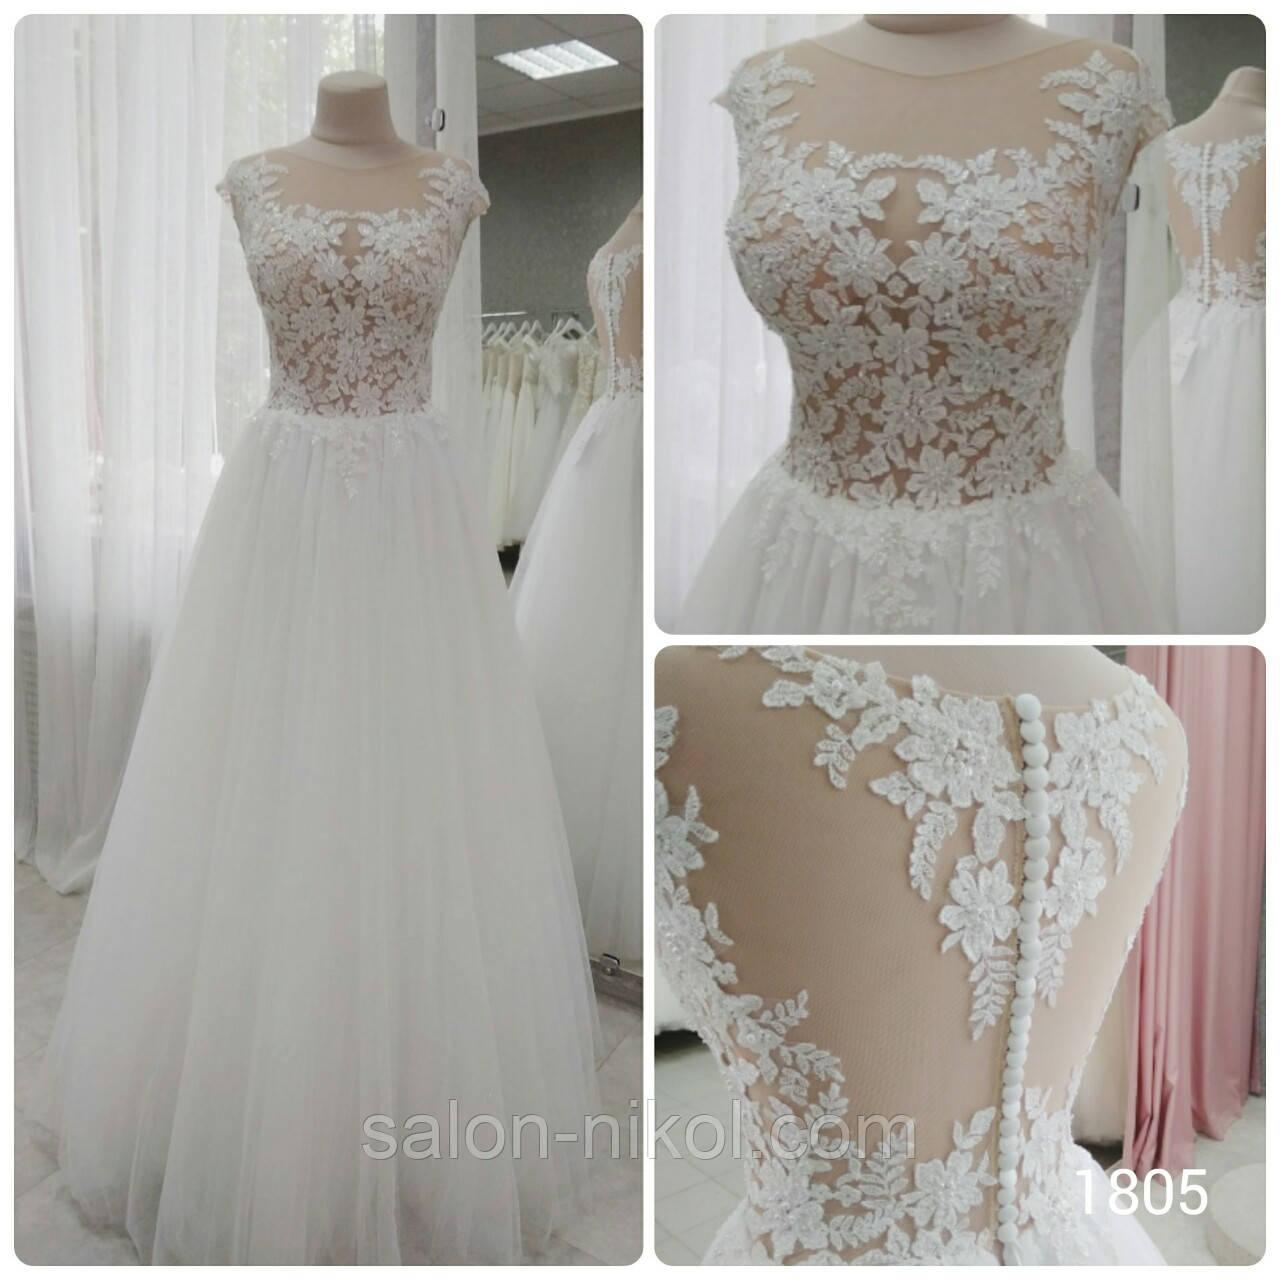 Свадебное платье 1805